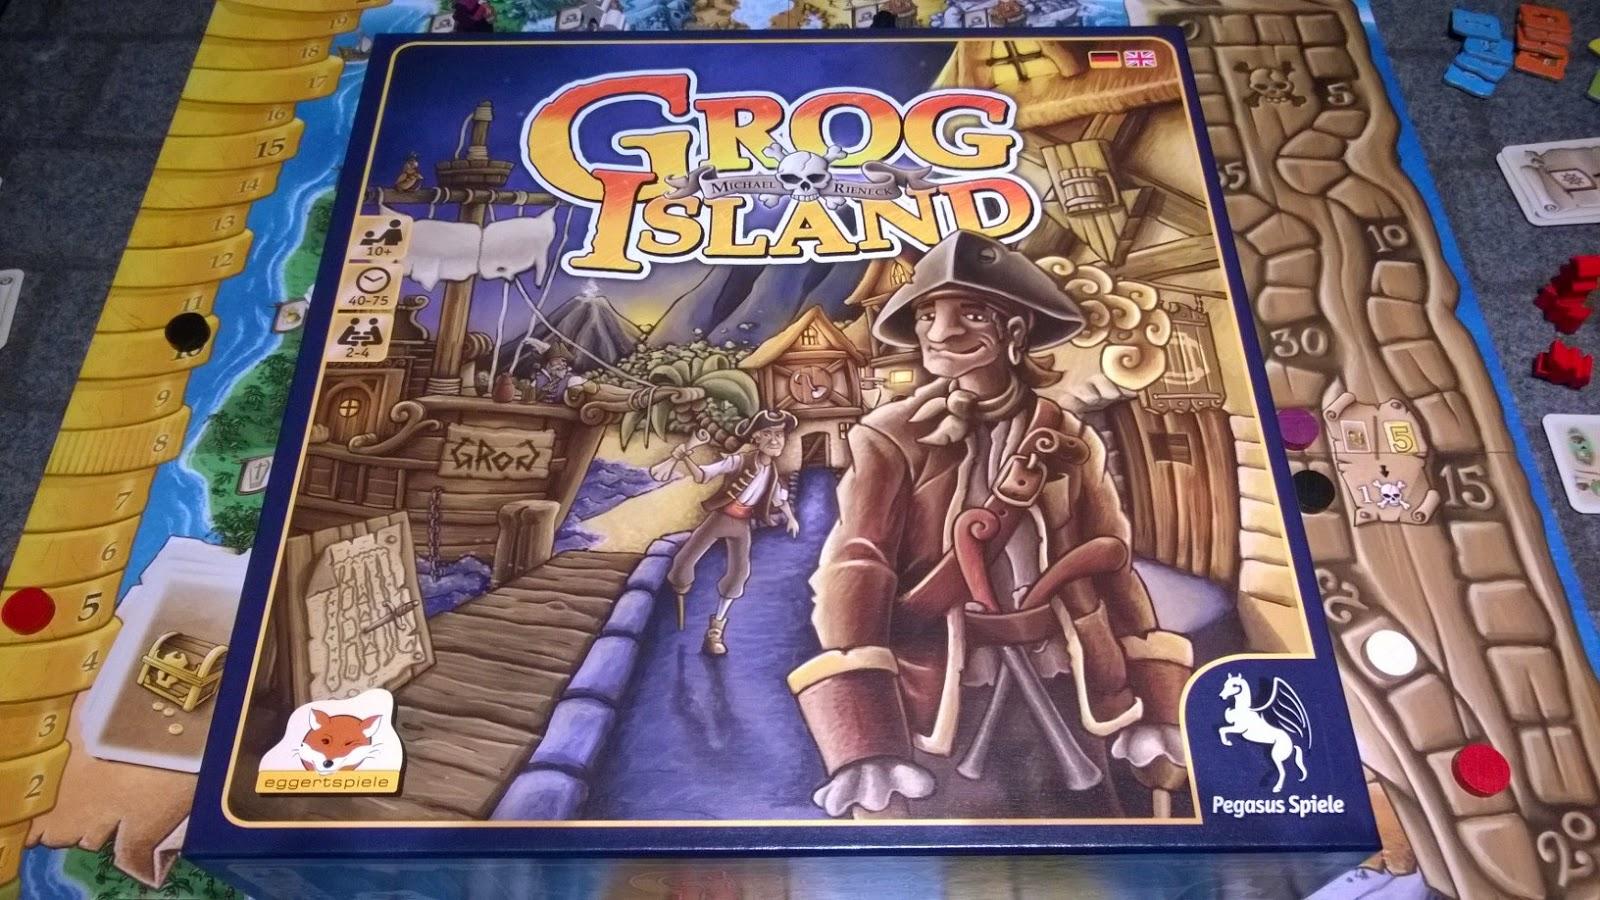 [COMMENTI] Grog Island, ecco dove voleva fuggire Willy L'orbo!